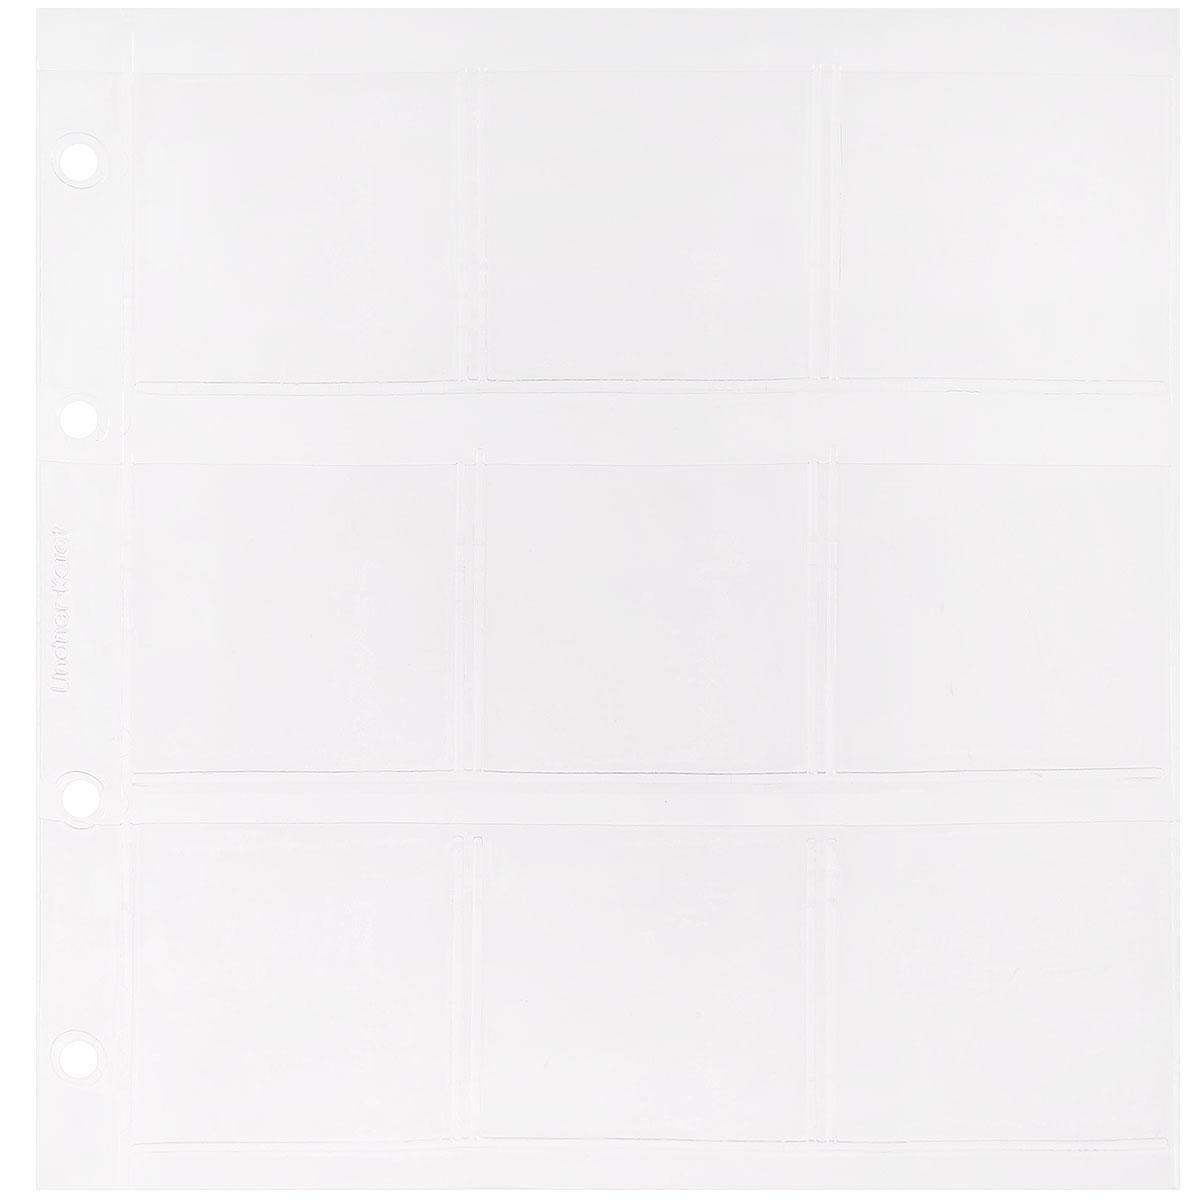 Лист LK 9 в альбом Karat для монет в холдерах, на 9 ячеек. Производство Lindner (5 листов в упаковке)327928Характеристики: Размер листа: 21 см х 19,2 см Количество листов в упаковке: 5